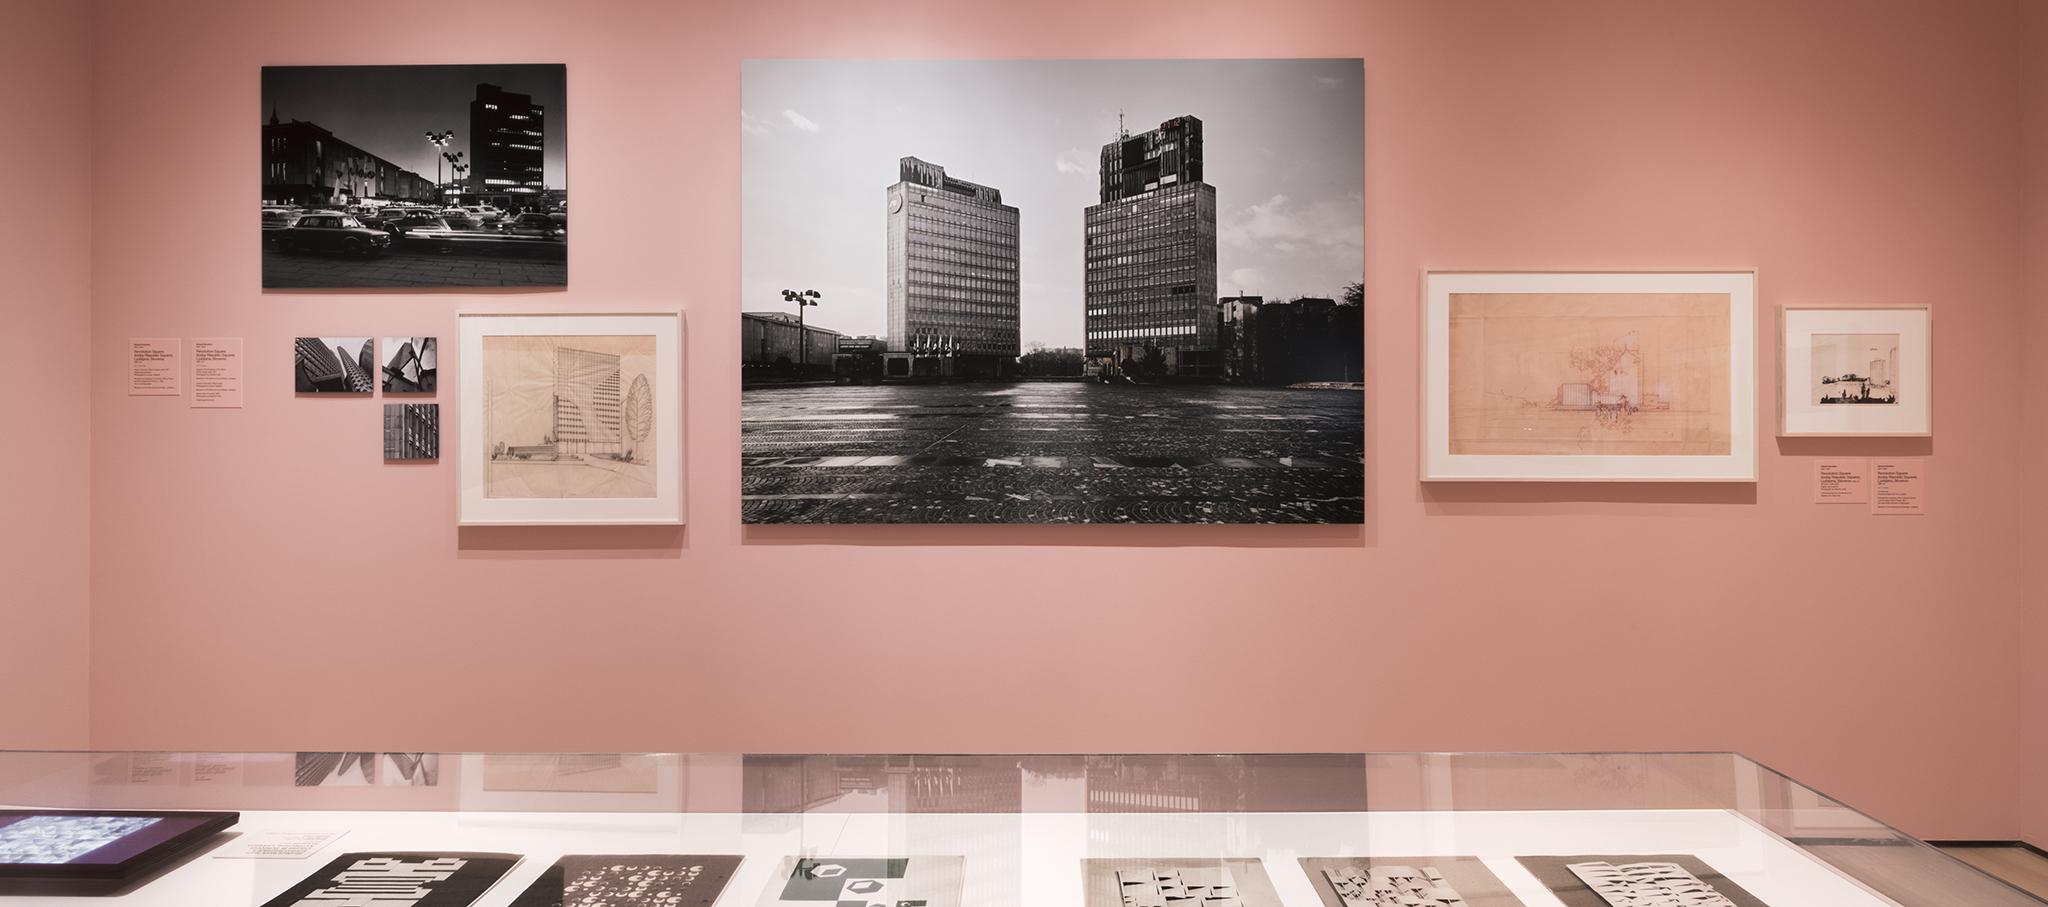 Vista de instalación de Hacia una utopía concreta: Arquitectura en Yugoslavia, 1948-1980, Museo de Arte Moderno, Nueva York, 15 de julio de 2018 - 13 de enero de 2019. © 2018 Museo de Arte Moderno. Fotografía por Martin Seck. Cortesía del MoMA